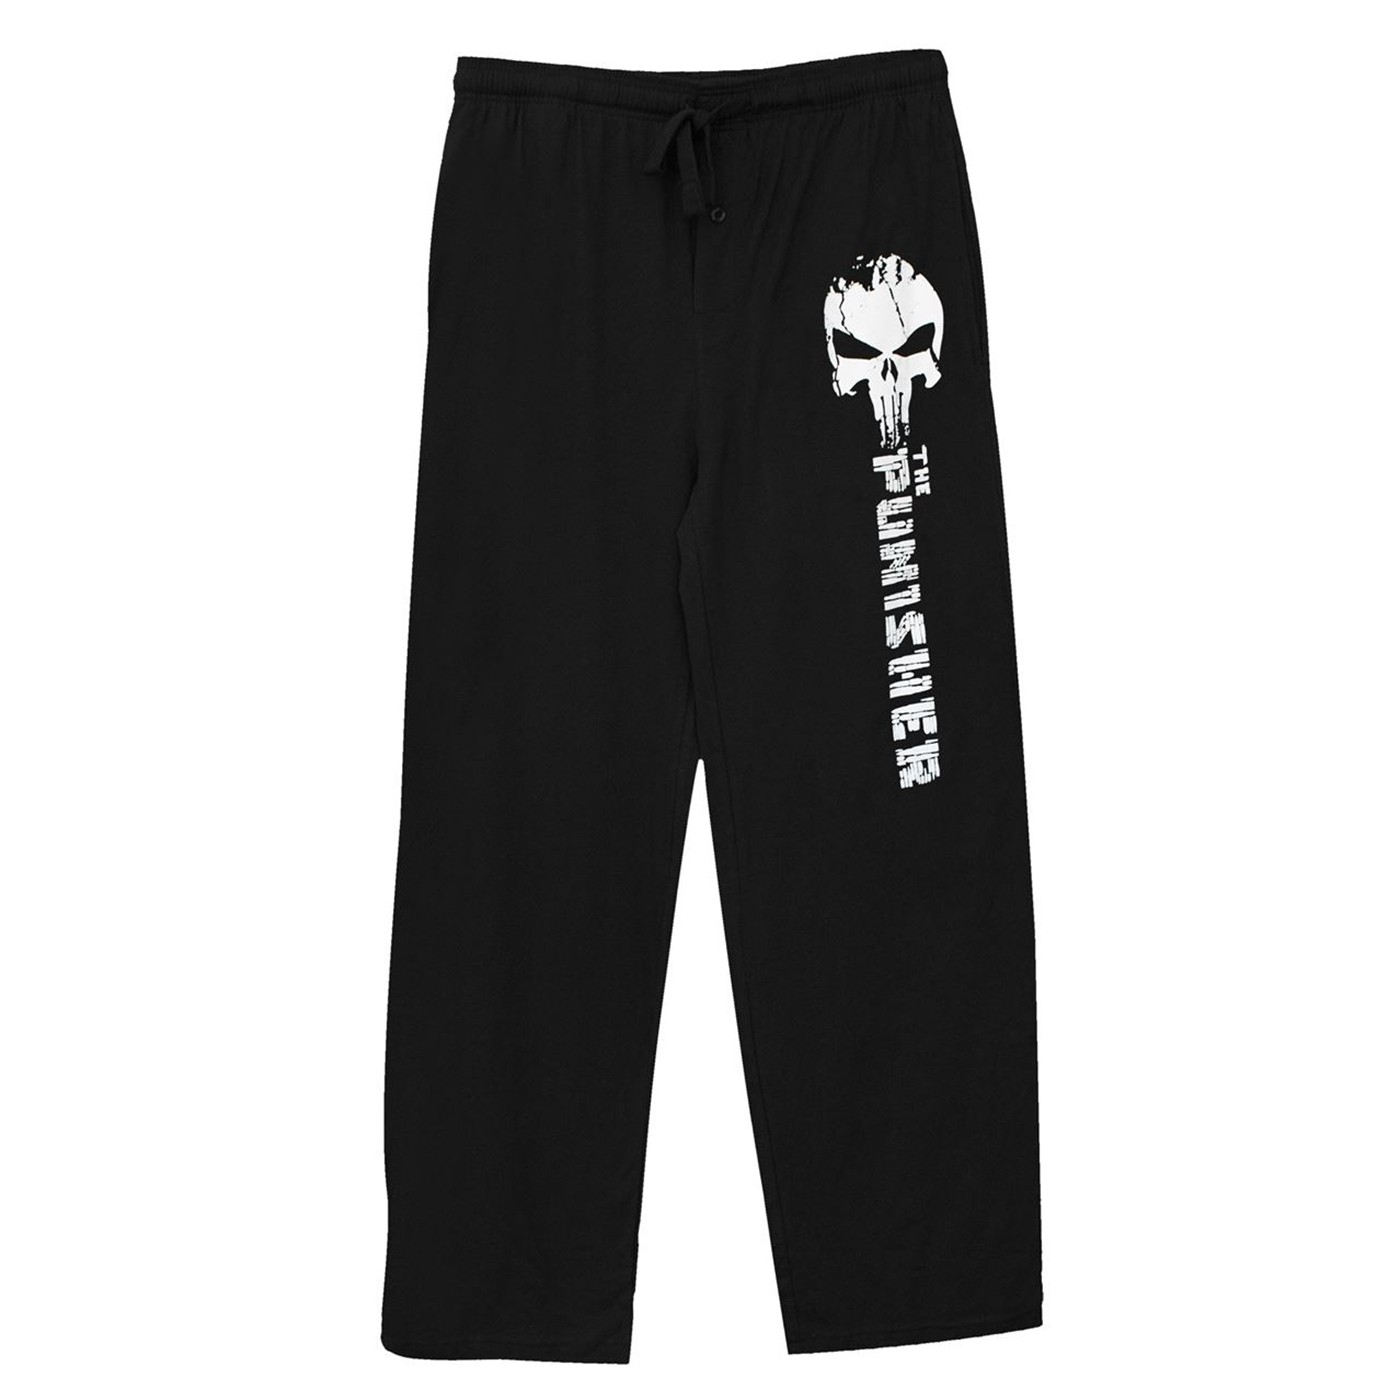 The Punisher Black Unisex Sleep Pants